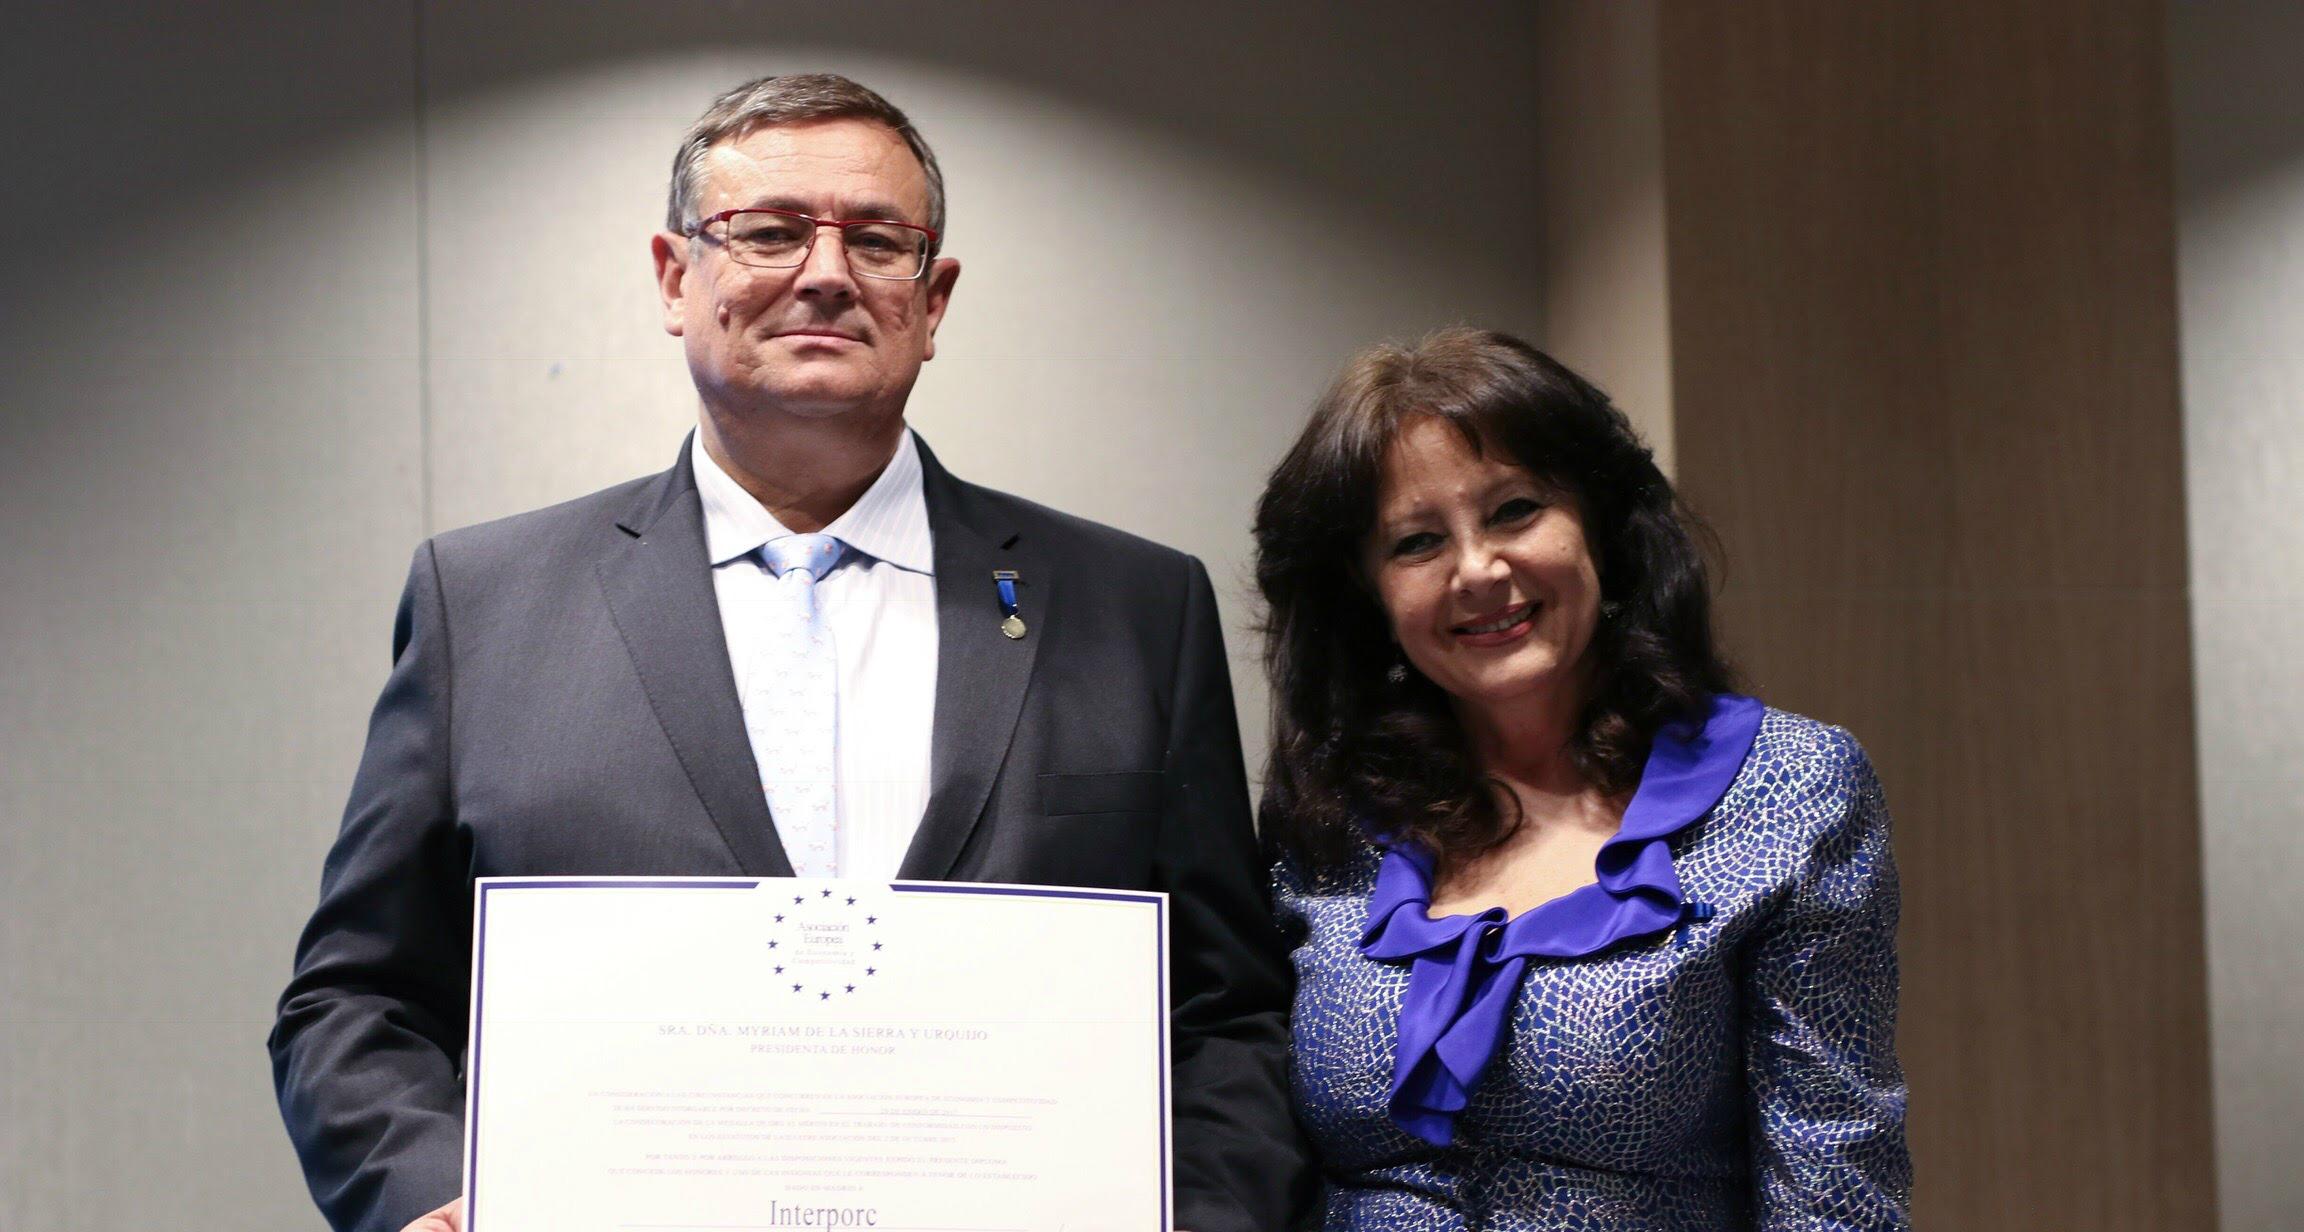 Interporc Medalla europea del mérito al trabajo